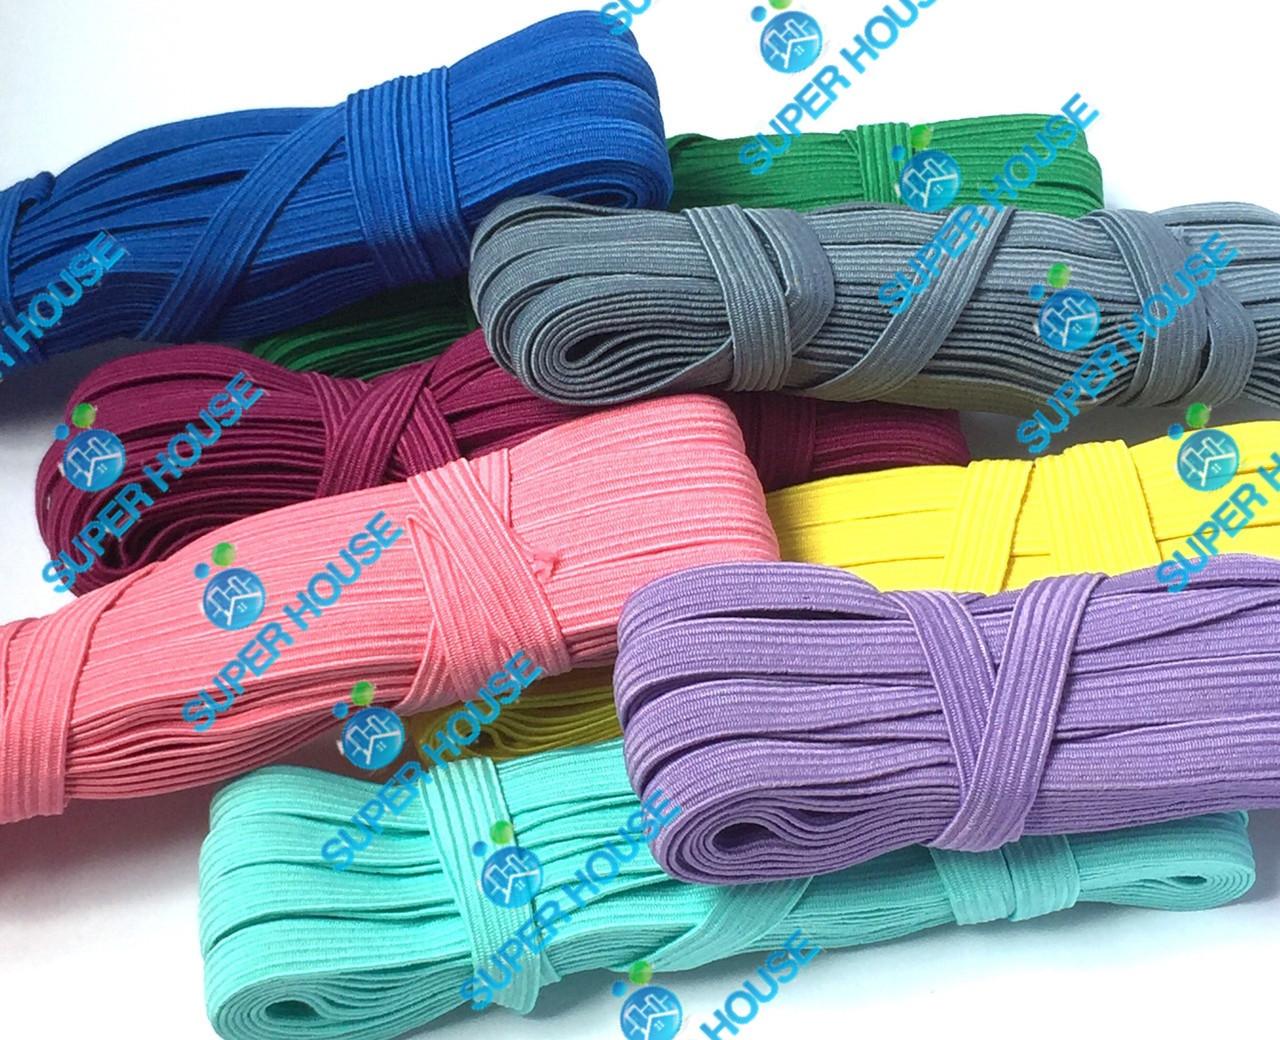 Резинка плетёная, ширина 10мм, длина 10м, 100% полиэстер. Цветная